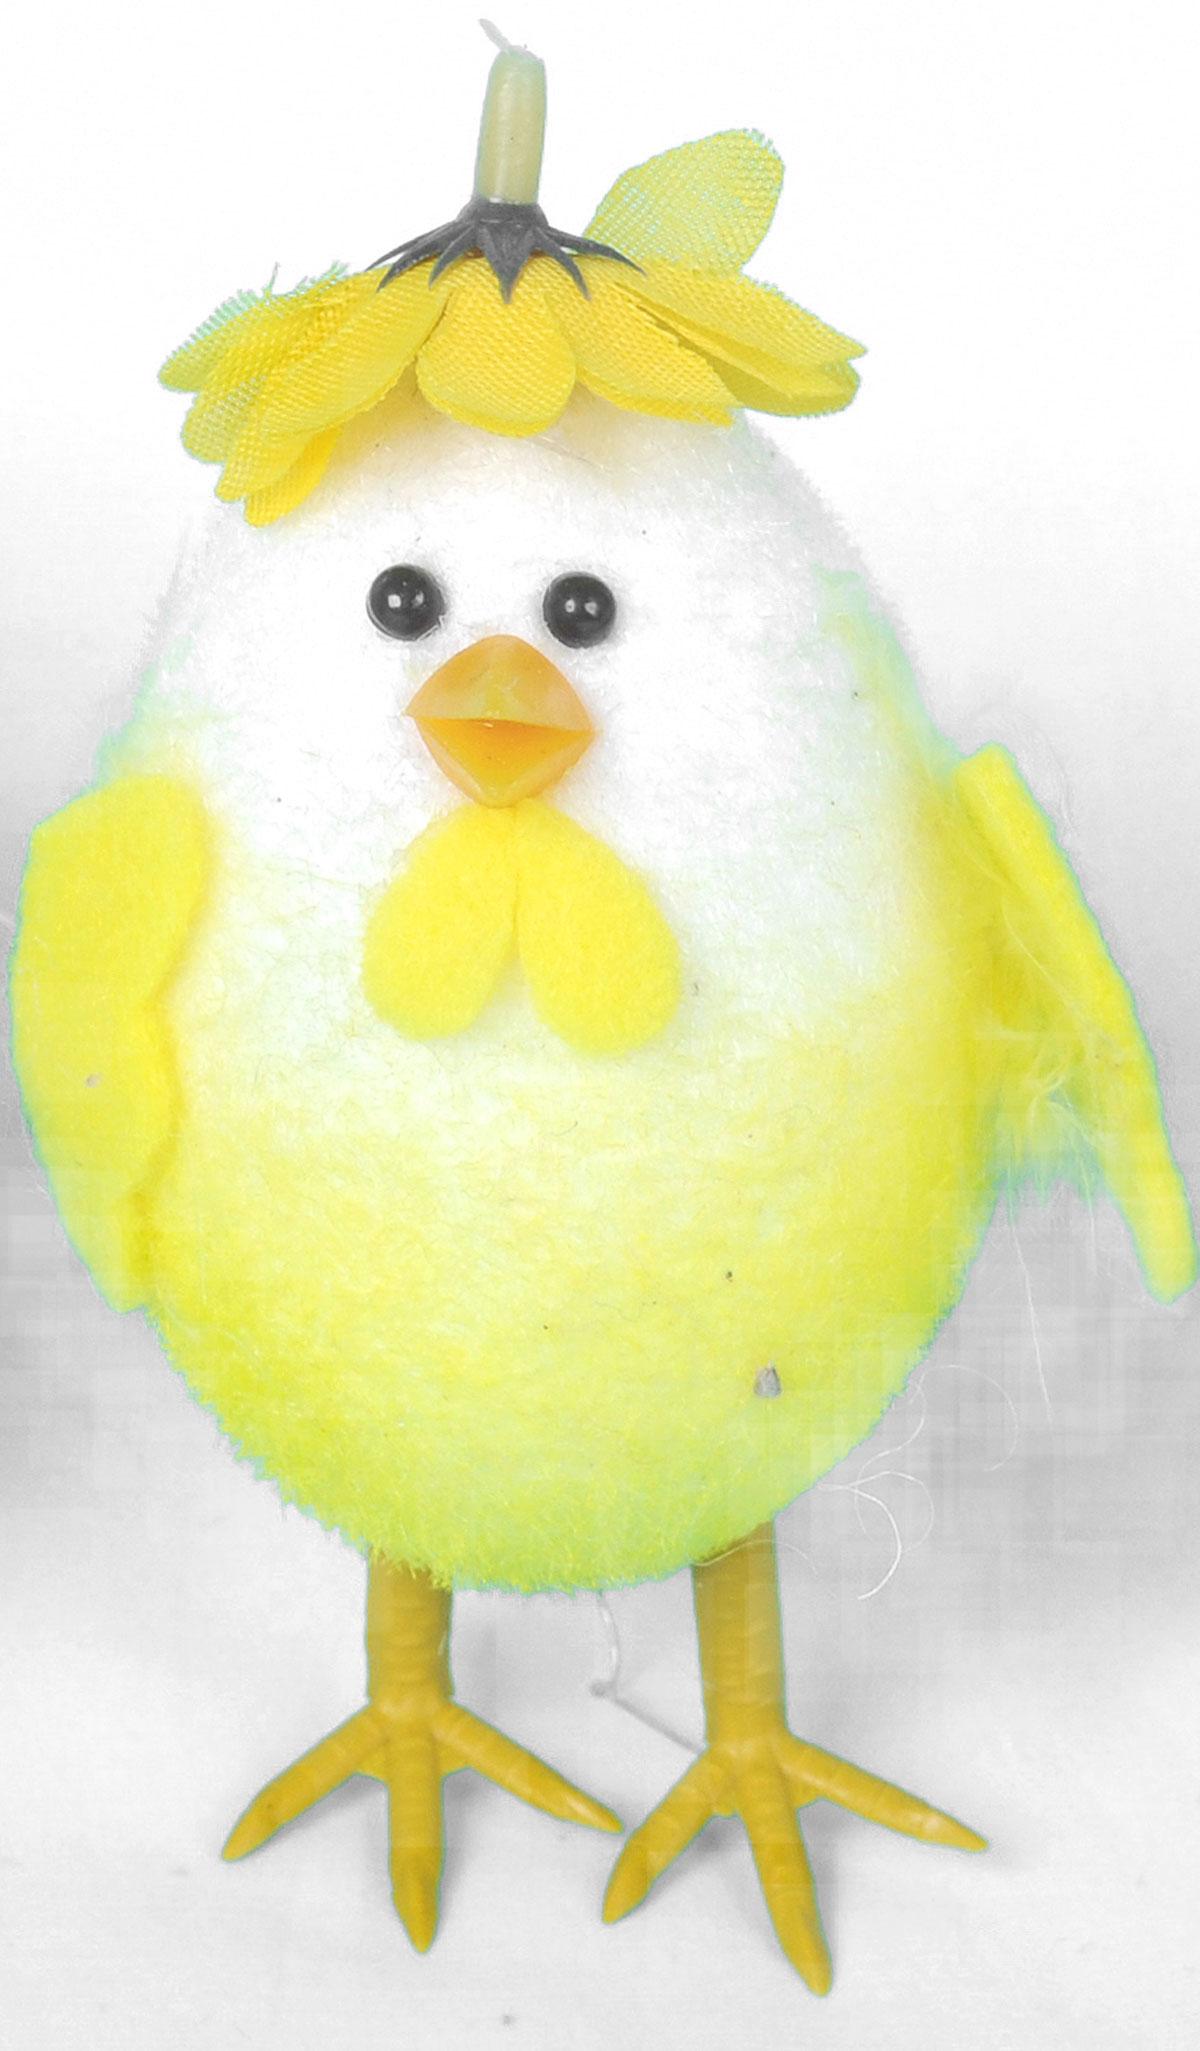 Декоративное украшение Home Queen Приветливый цыпленок, цвет: желтый, 8 х 11 см мочалка из нейлона home queen цвет желтый 57199